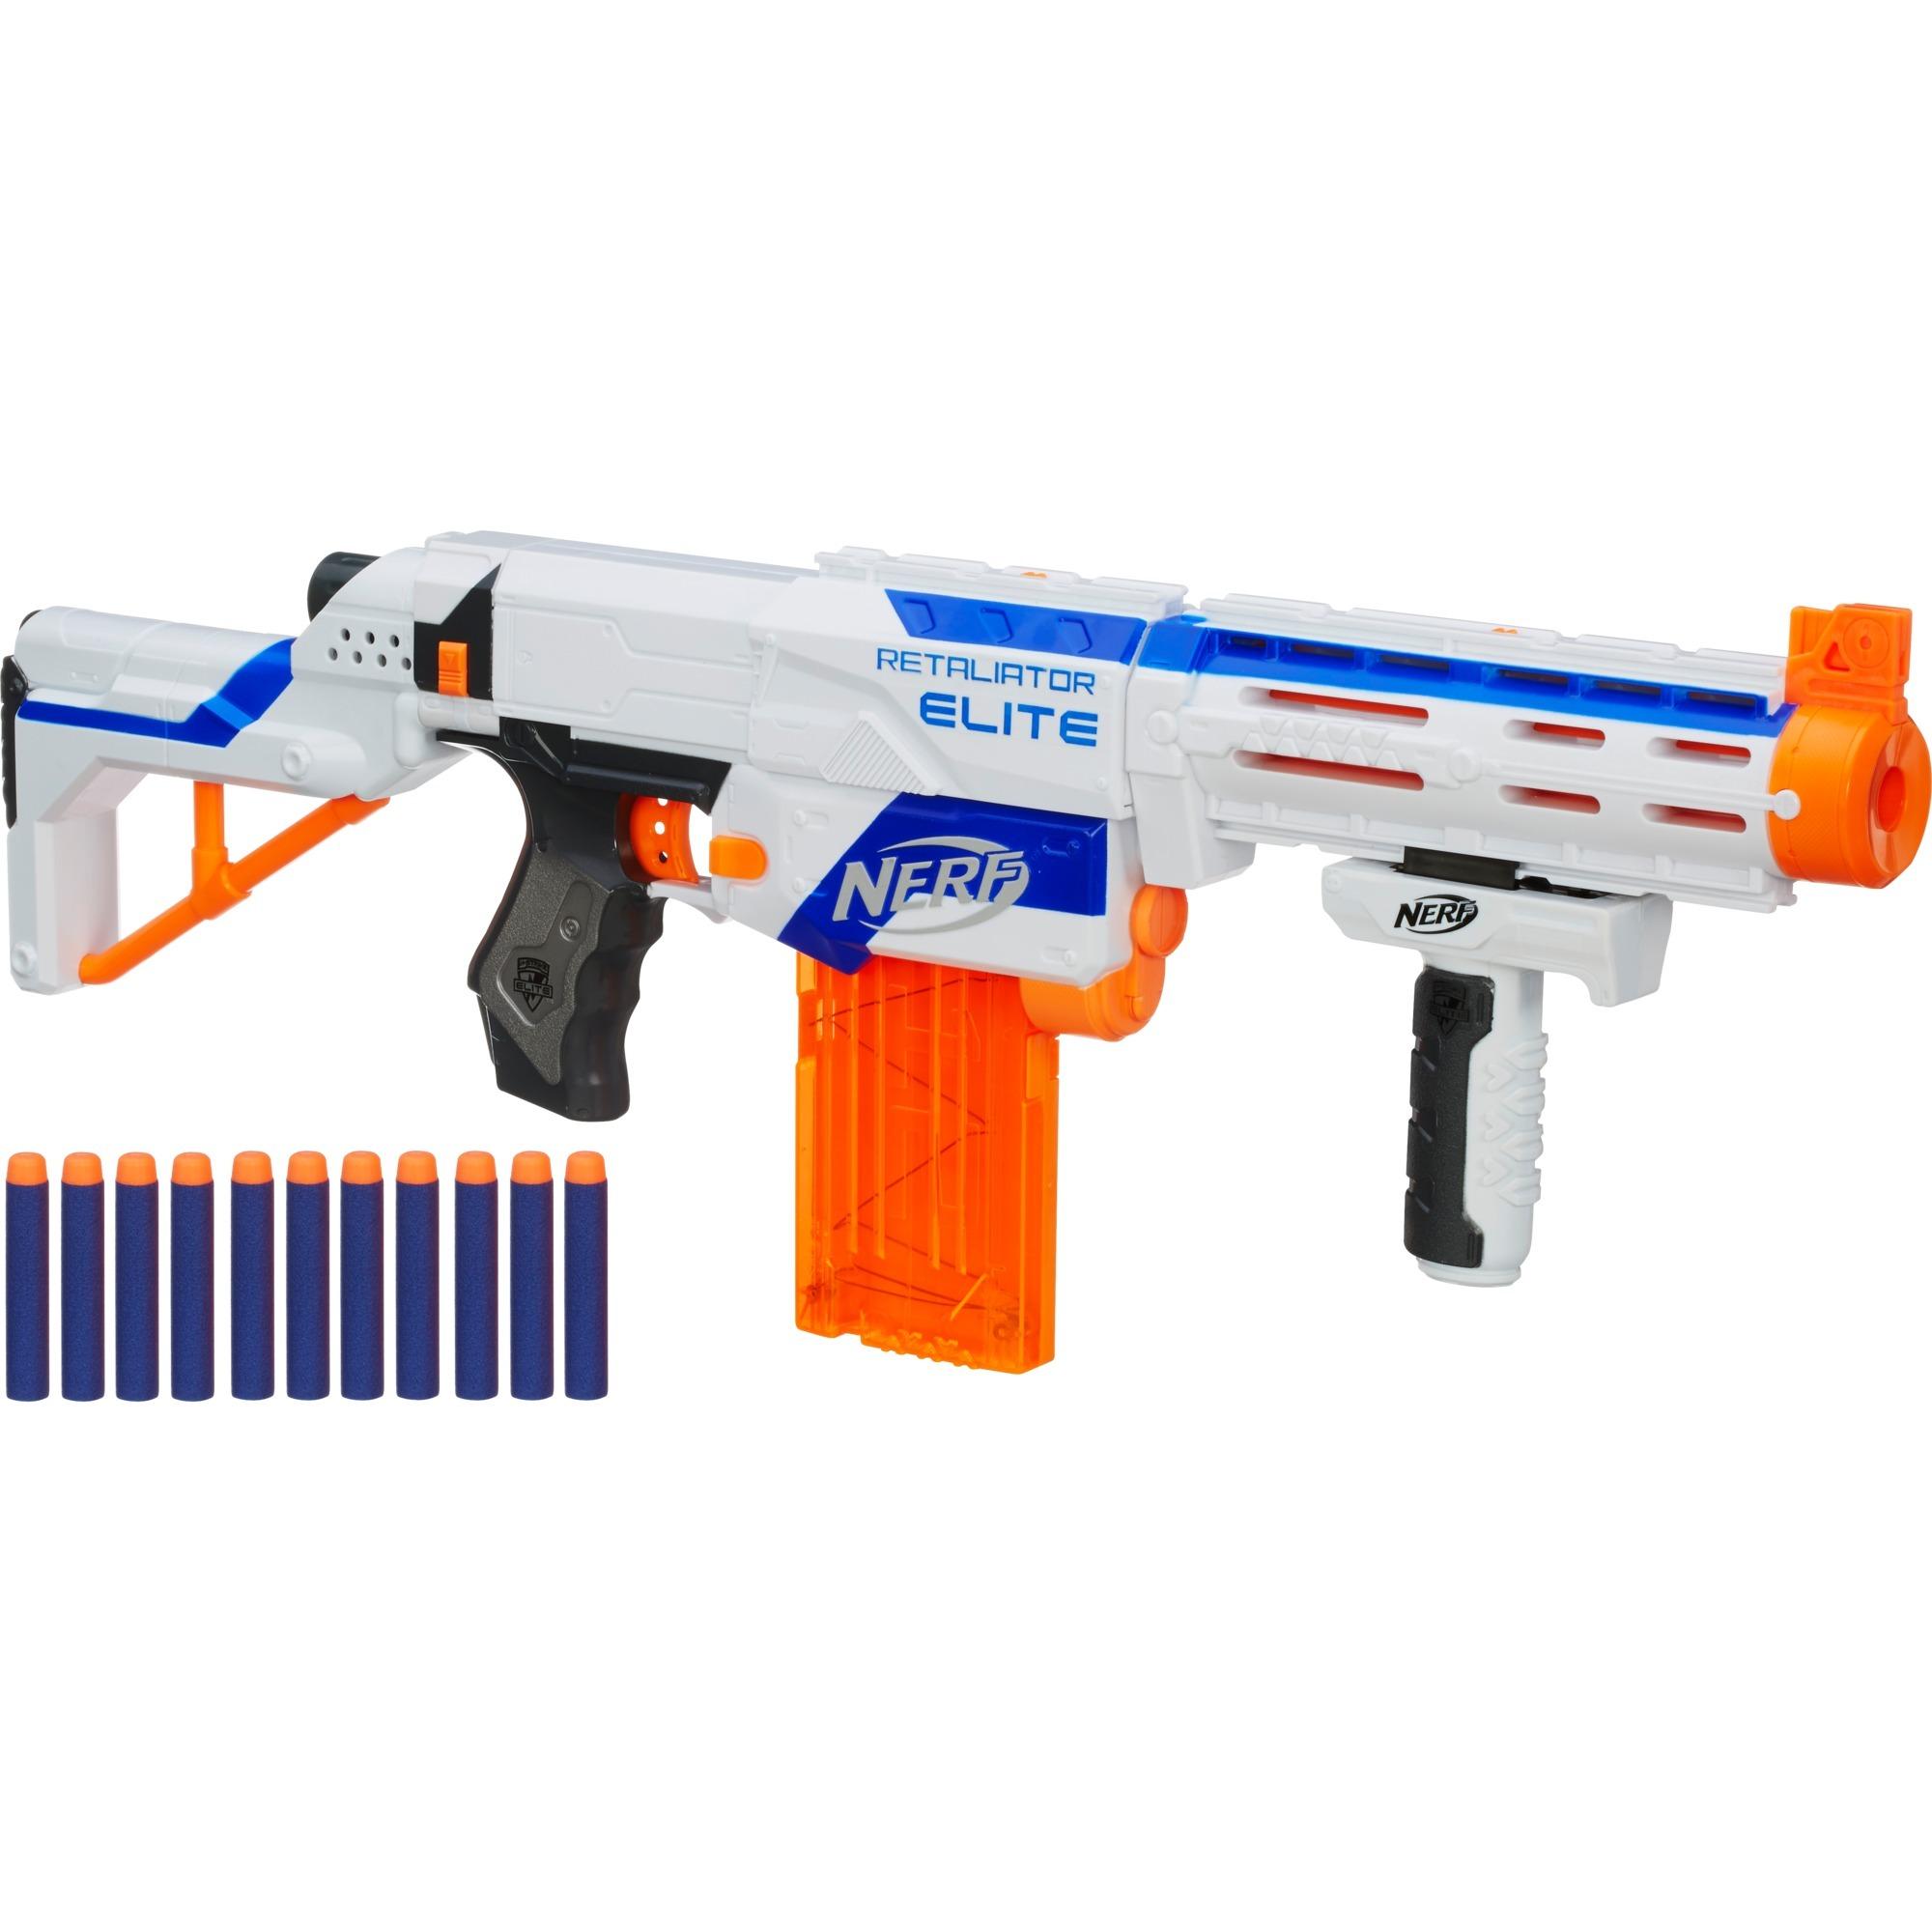 Nerf - Elite - Retaliator Xd - Jeu de Plein Air de Nerf, NERF Gun